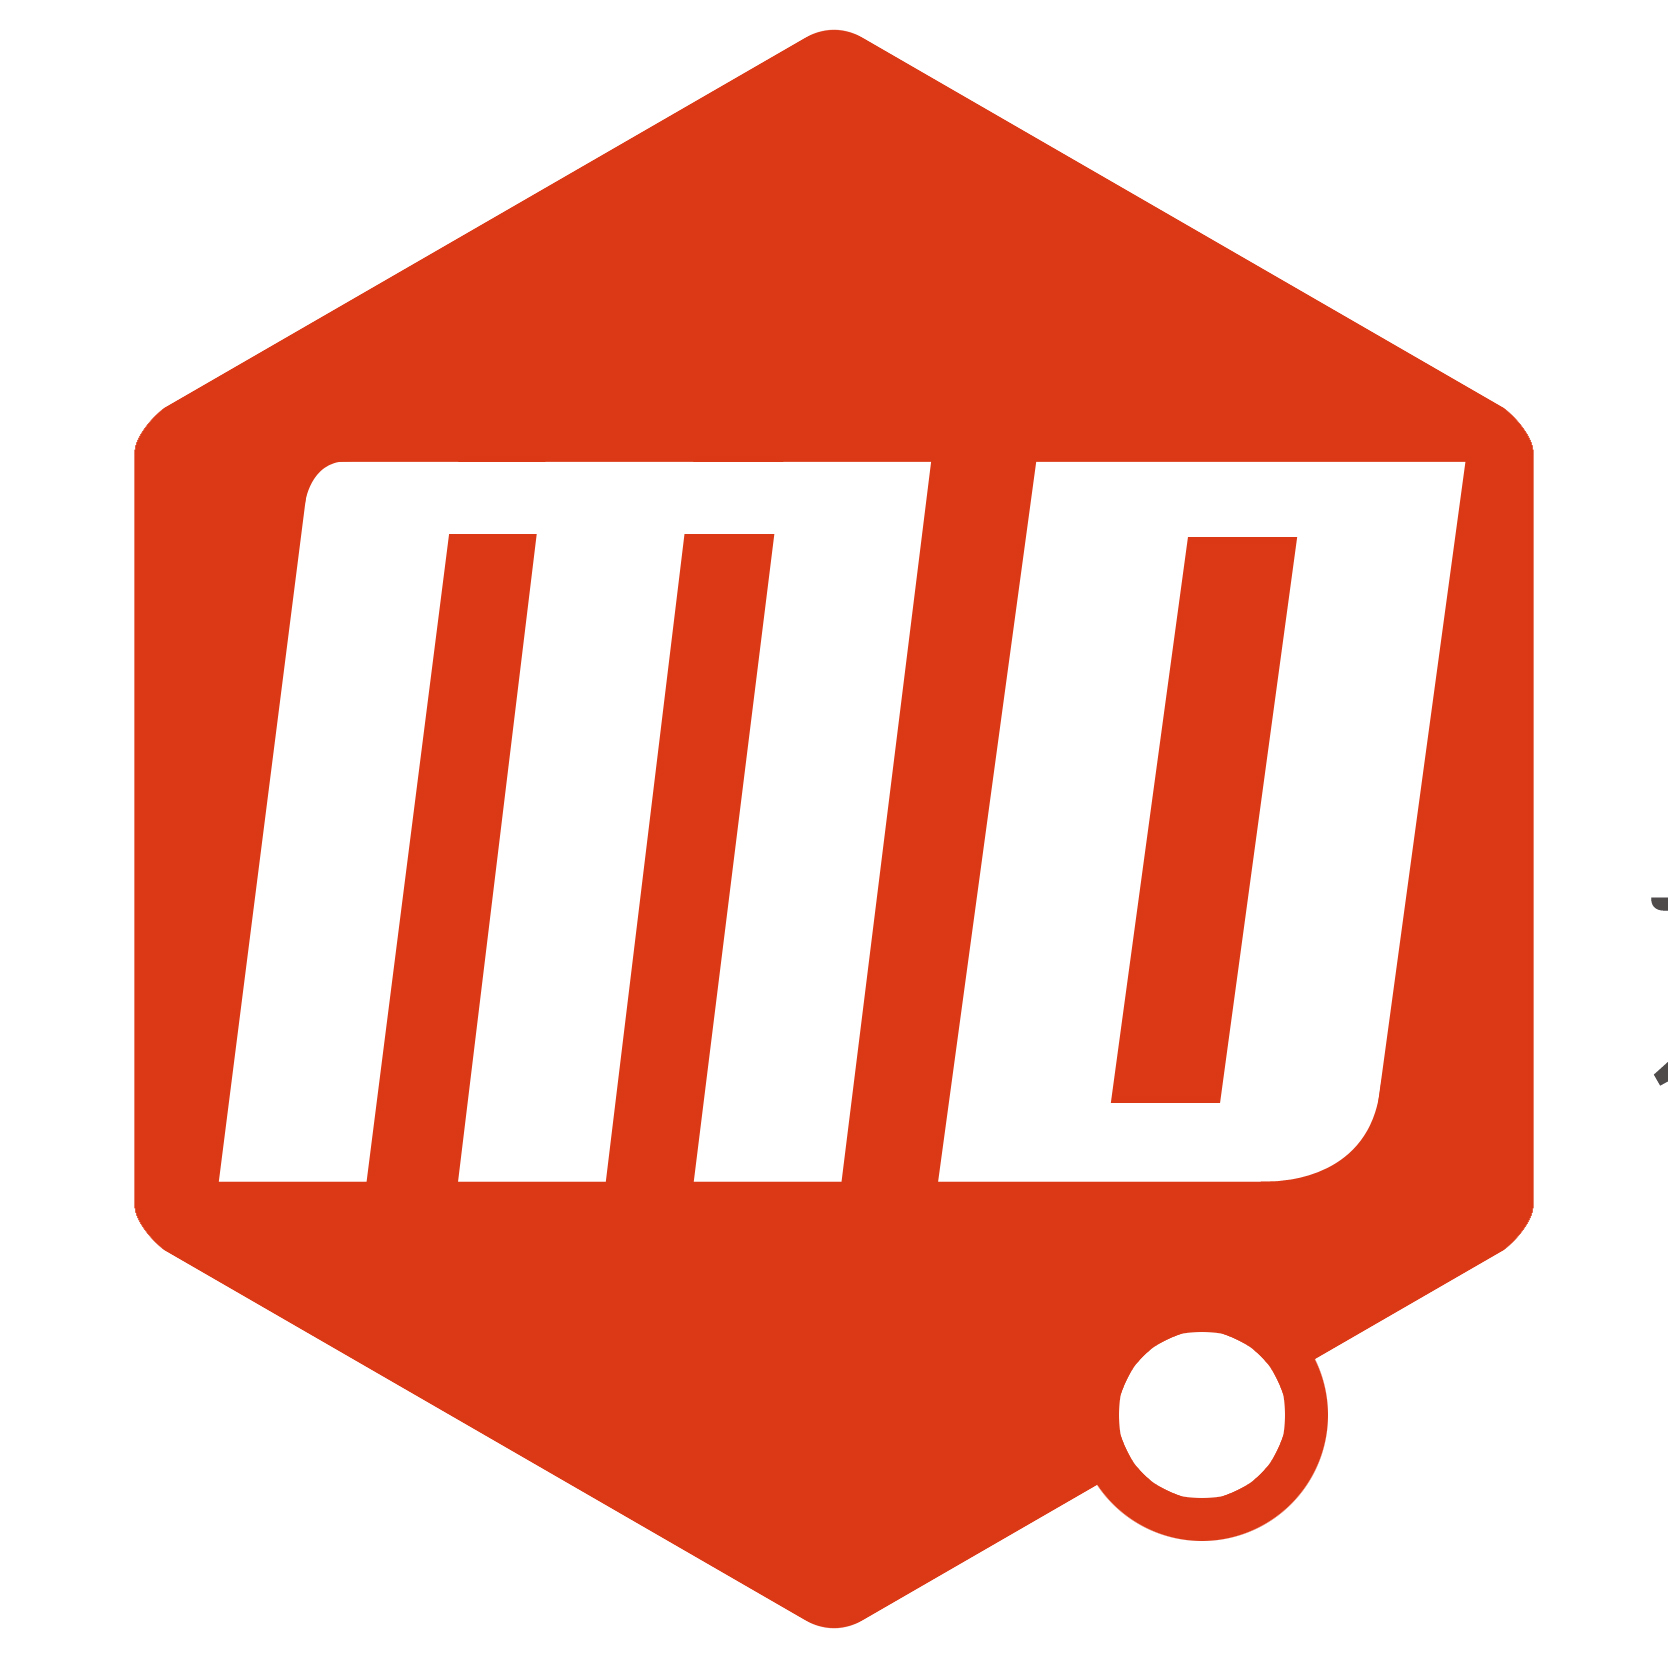 米多科技LOGO.jpg